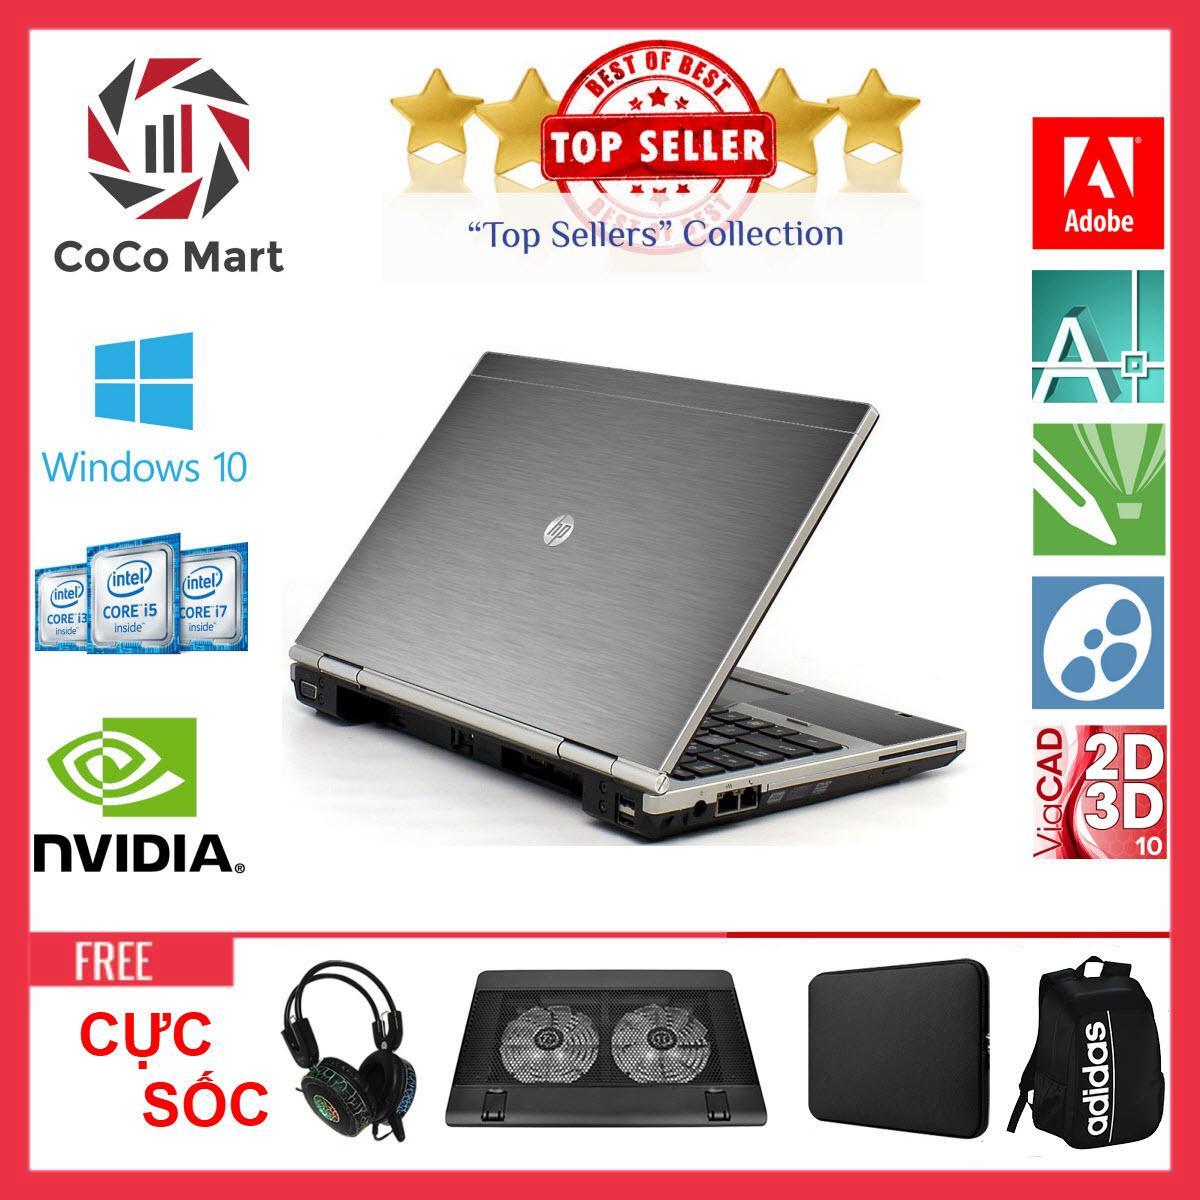 Laptop HP EliteBook 2560p Chạy CPU i7-2620M, 12.5inch, 8GB, SSD 240GB + Bộ Quà Tặng - Hàng Nhập Khẩu